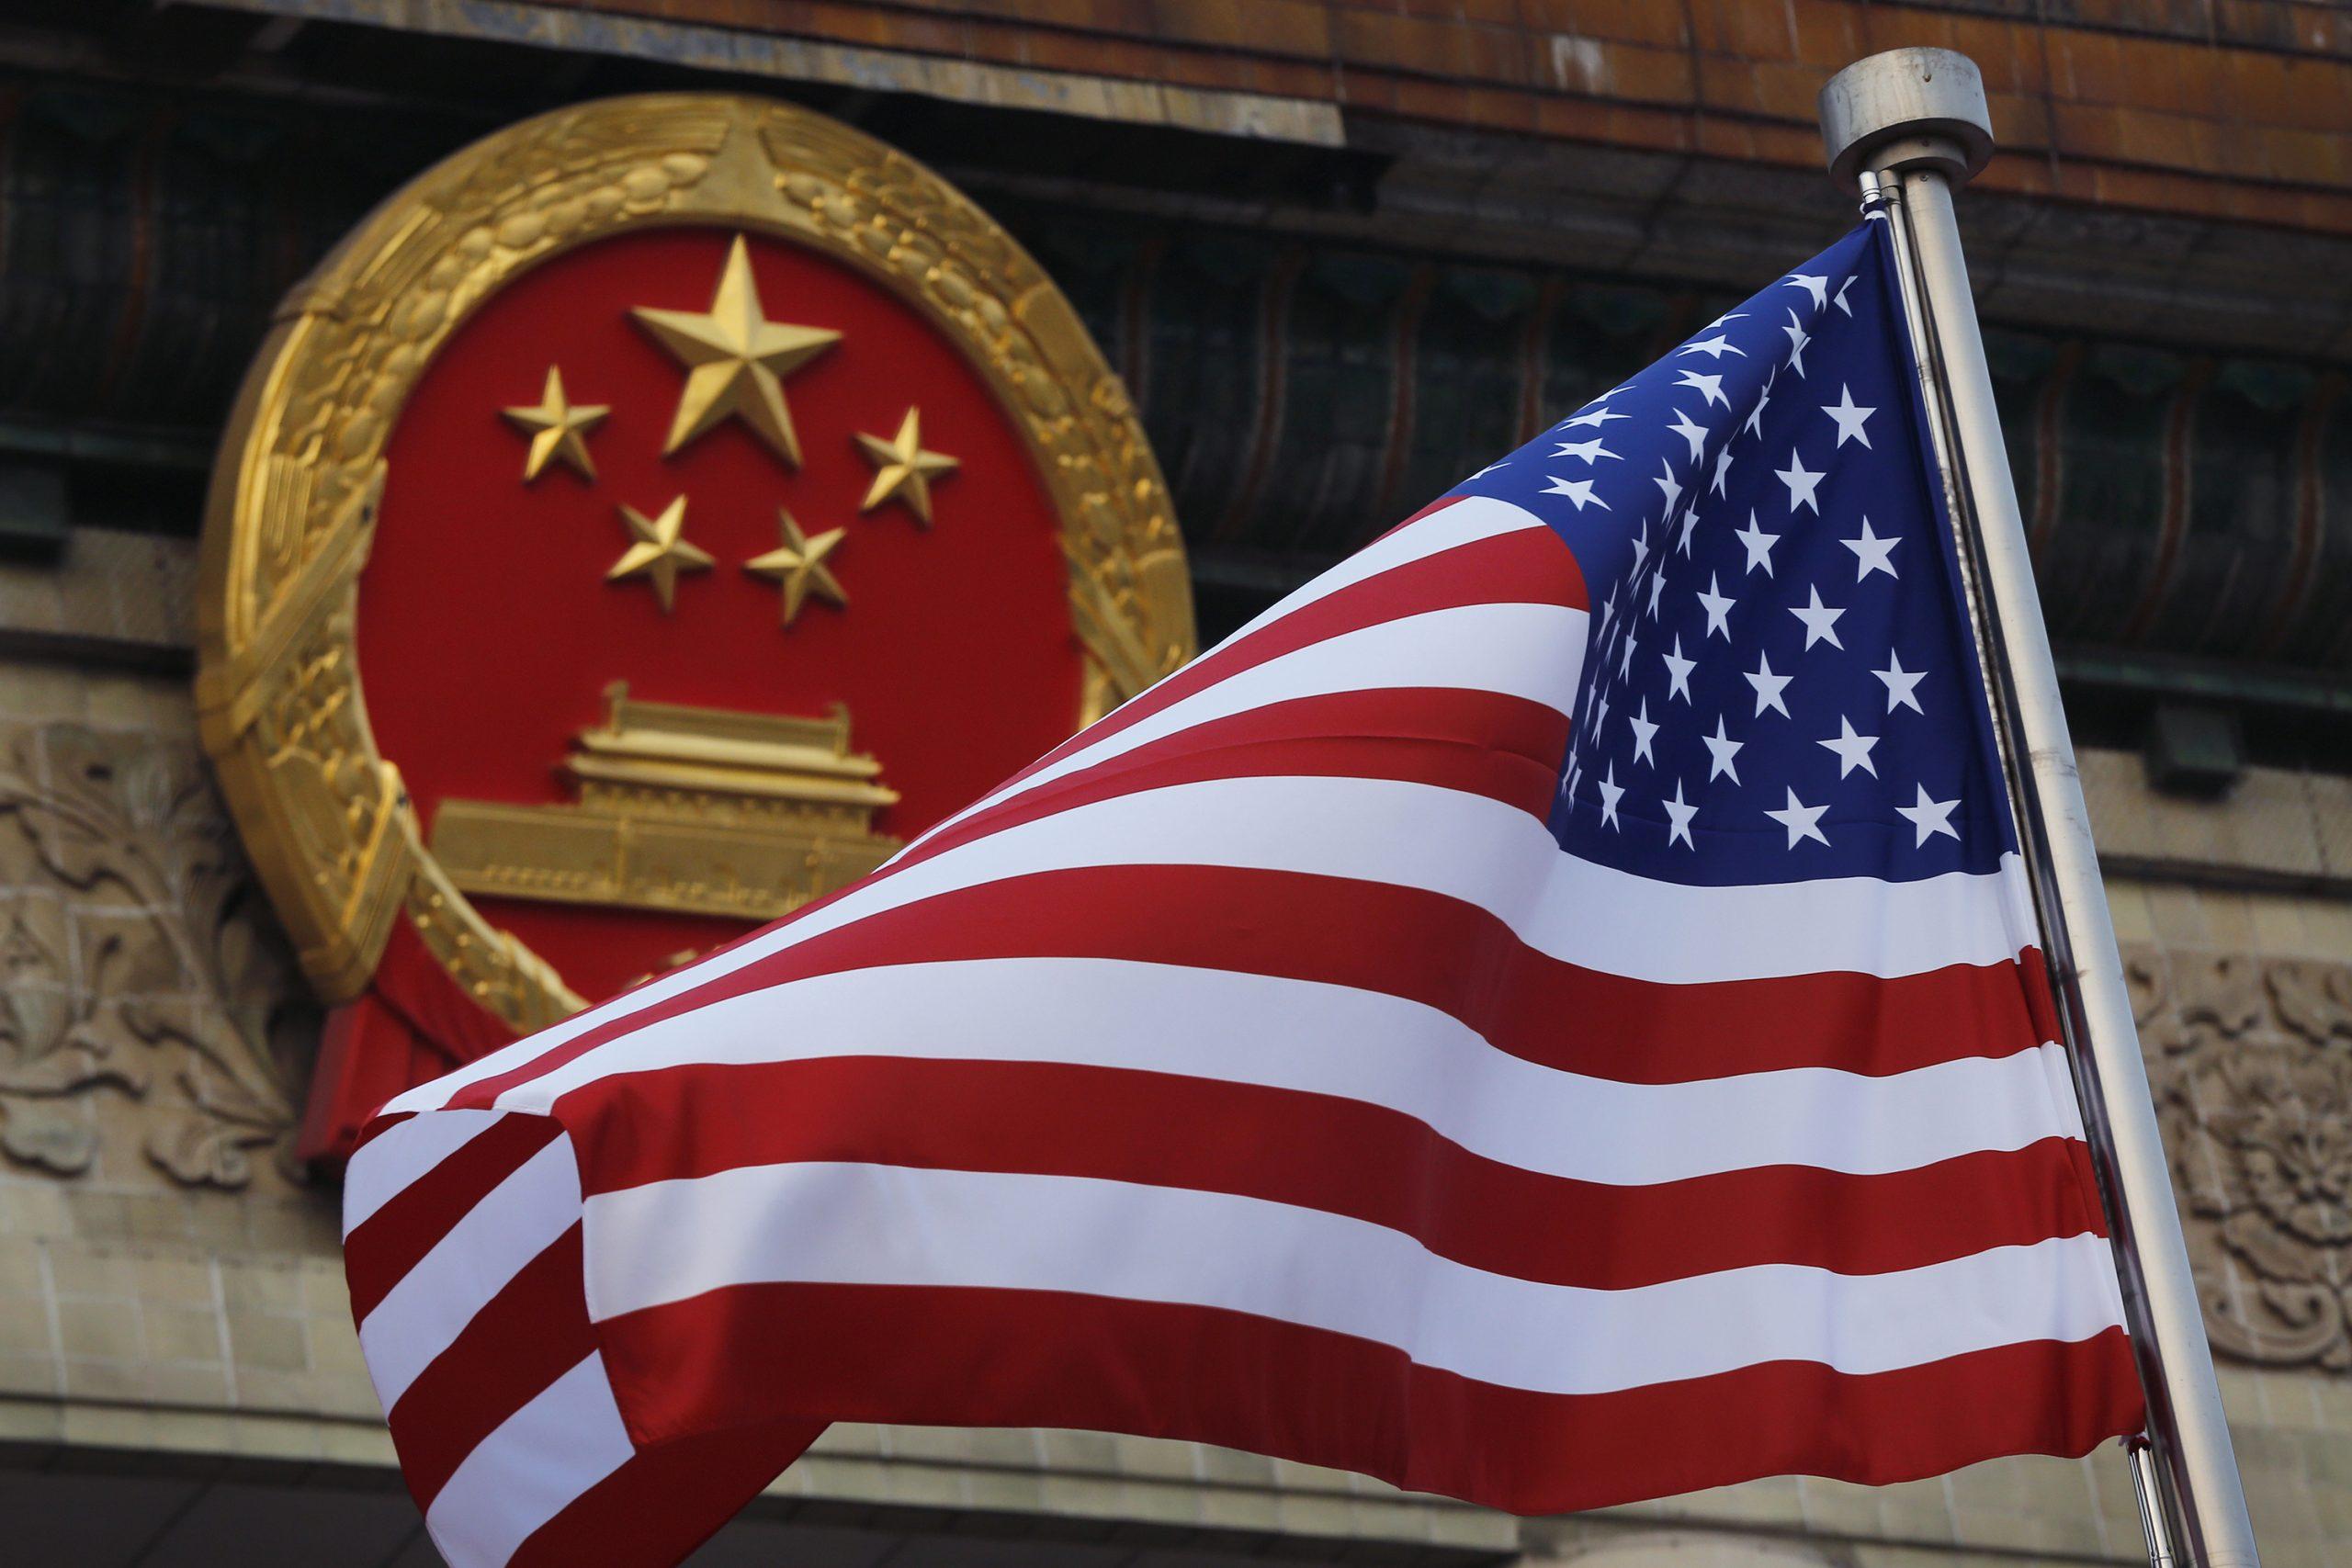 Cina e bandiera degli Stati Uniti (La Presse)